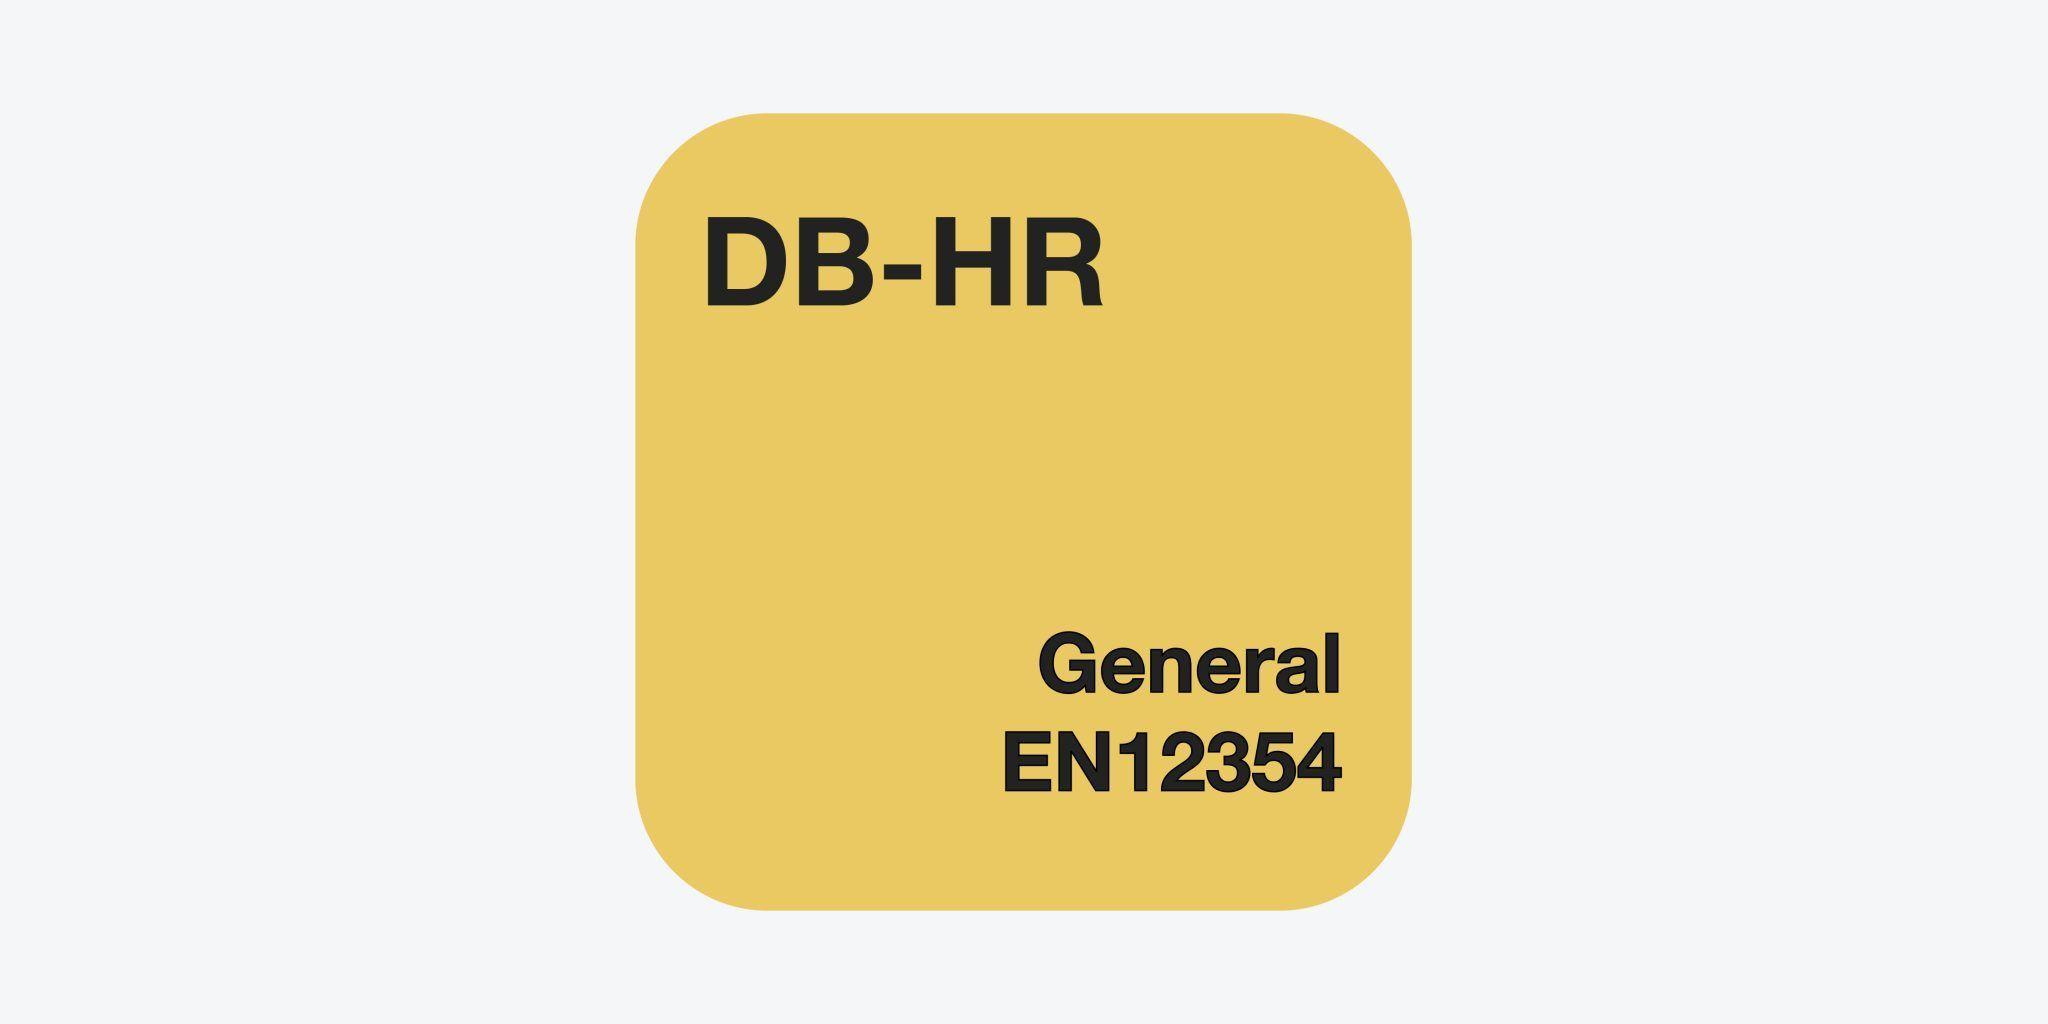 DB-HR General EN12354